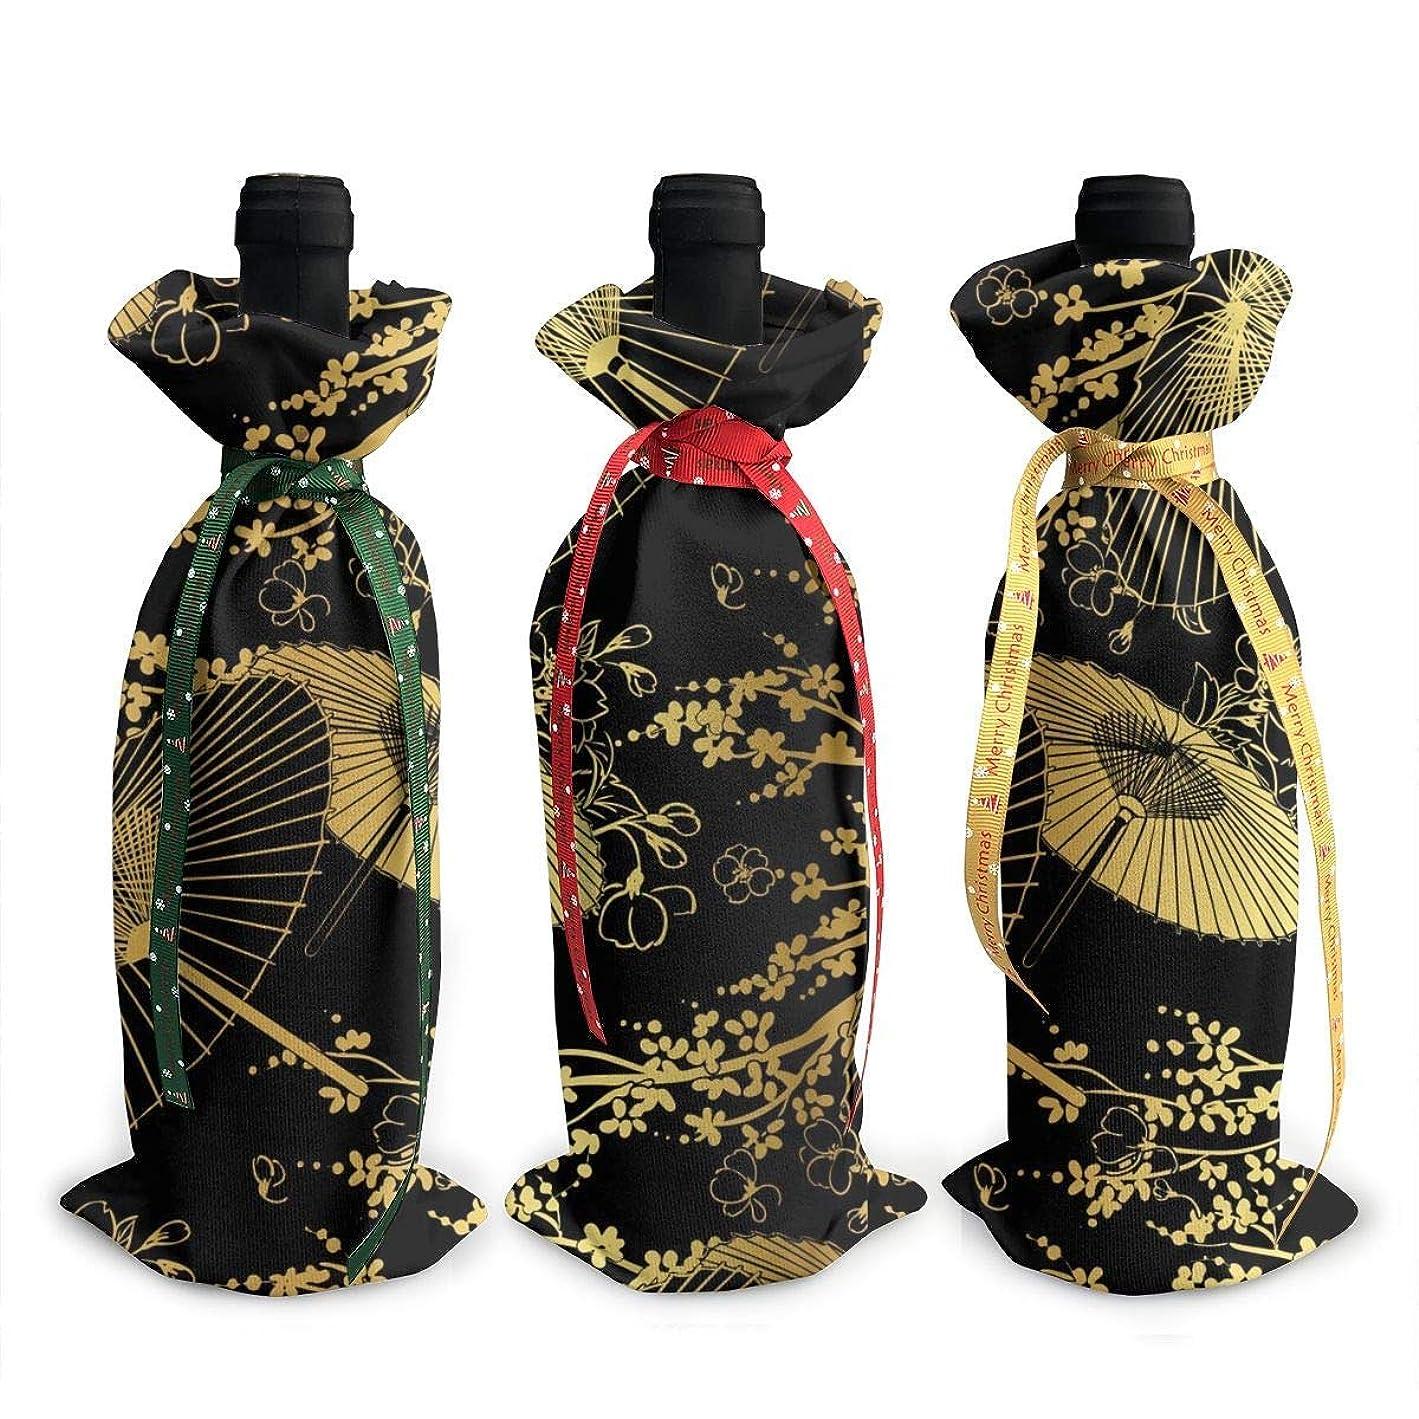 ちょうつがい必要としている猟犬ファンフラワー傘 赤 ワインボトルジャケット(3パック)クリスマス ギフトバッグ ワインボトルドレスセット 幅x高さ:12x34cm。